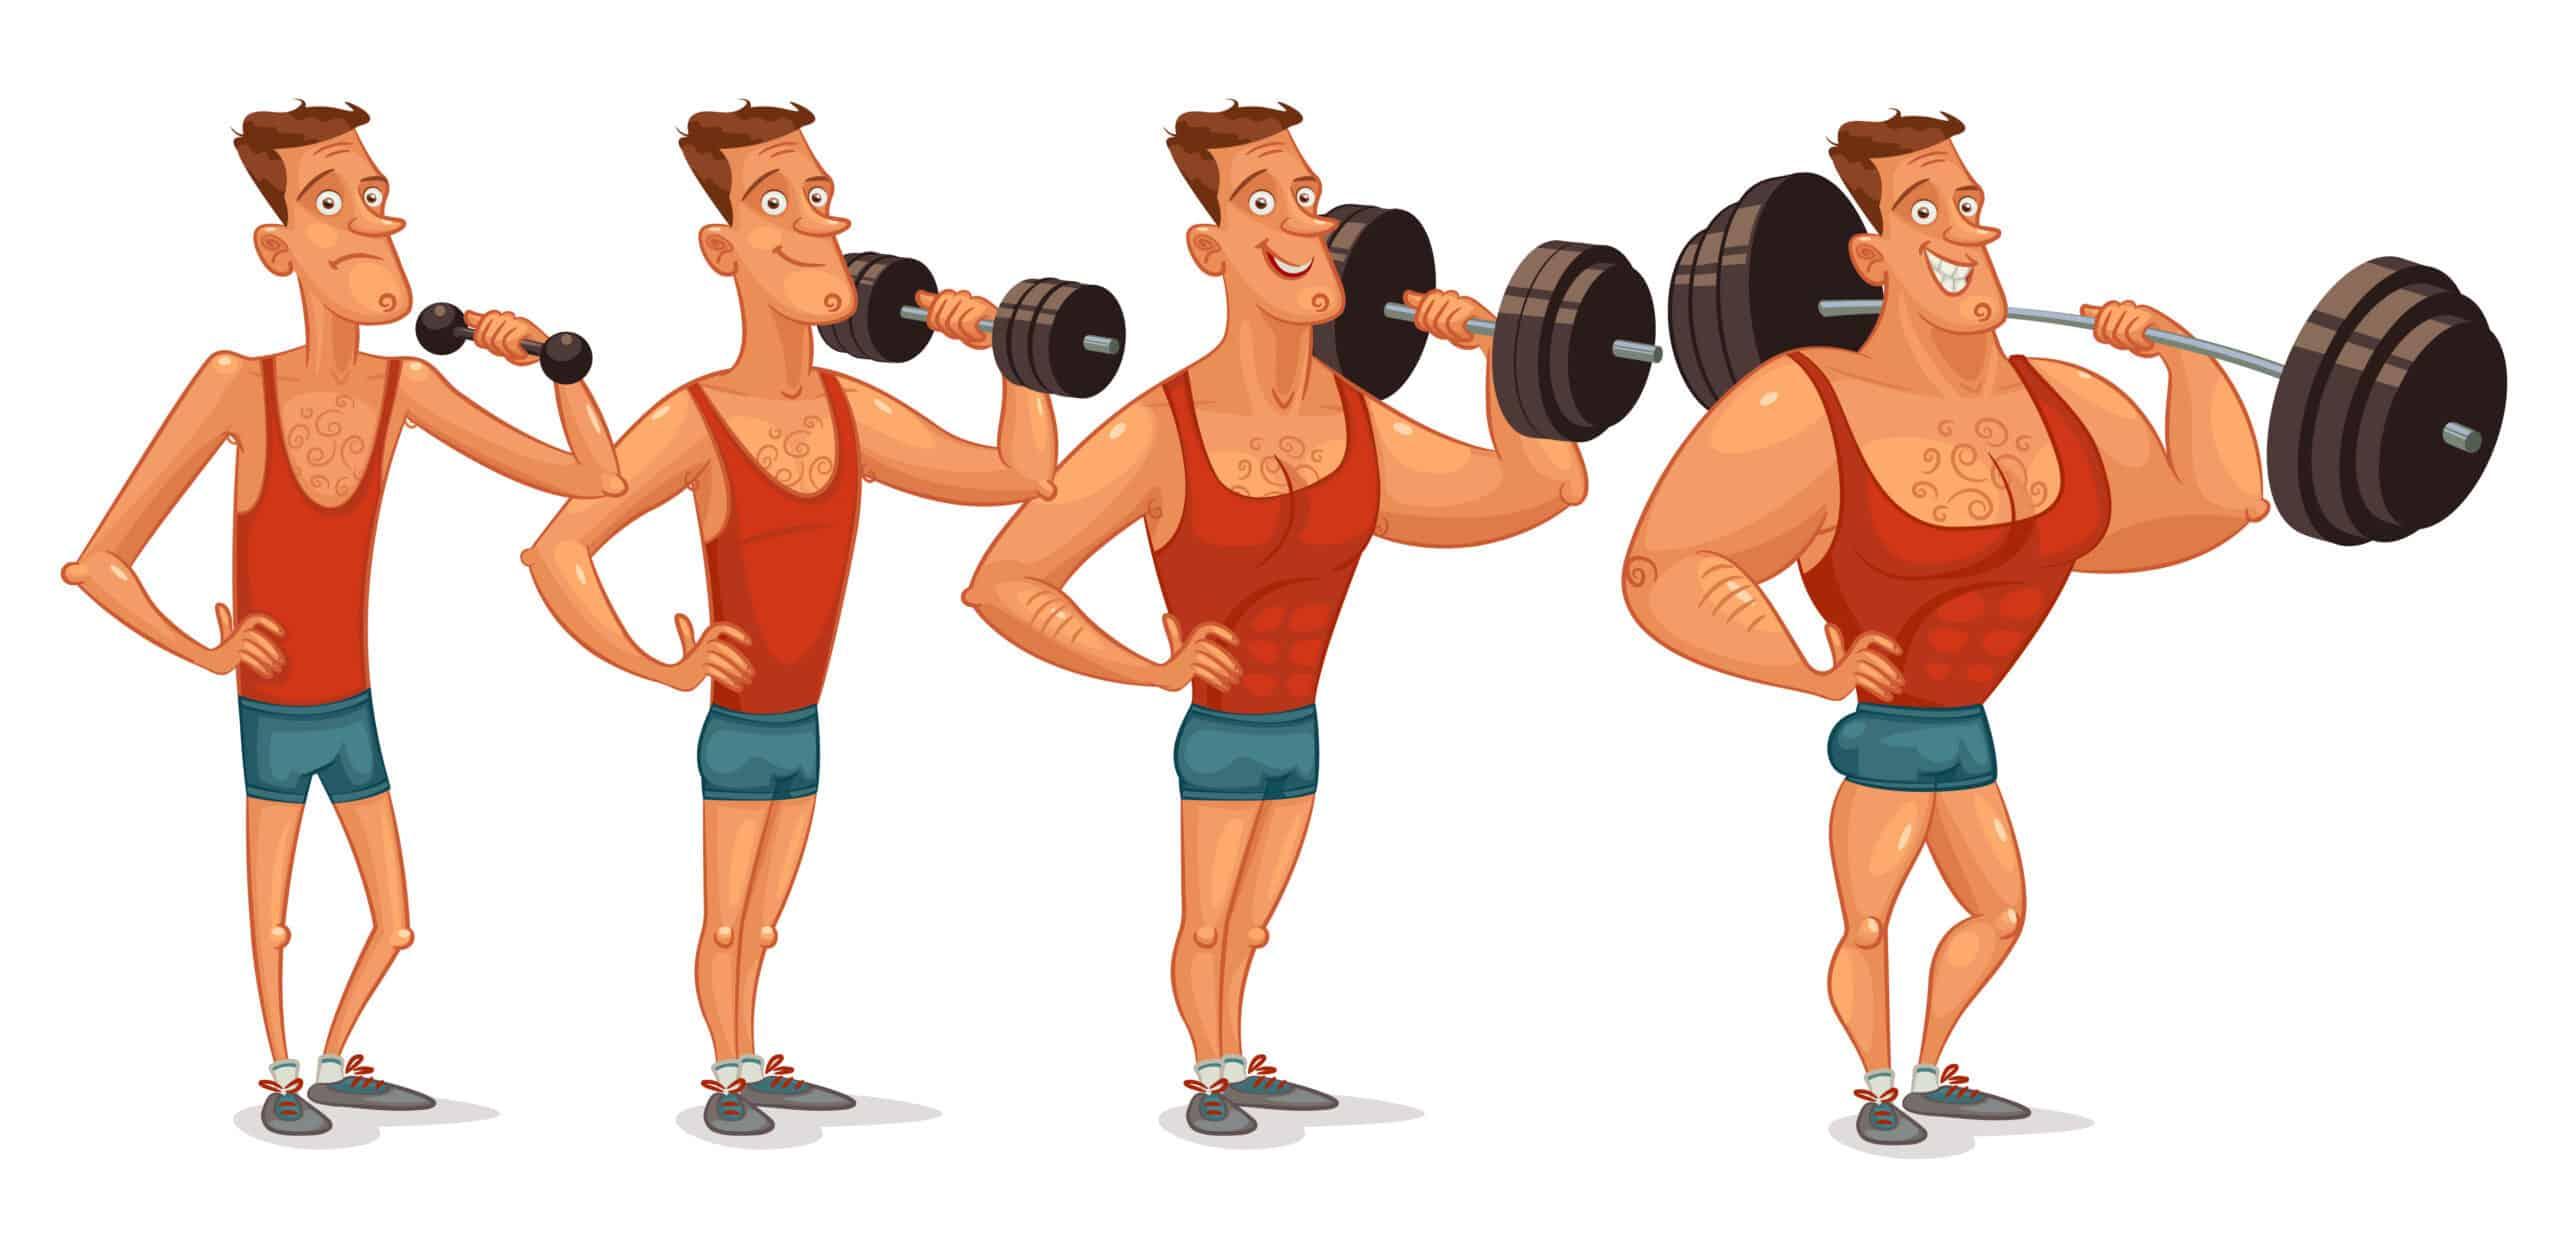 Kurser skelett tittar på muskelgubbe